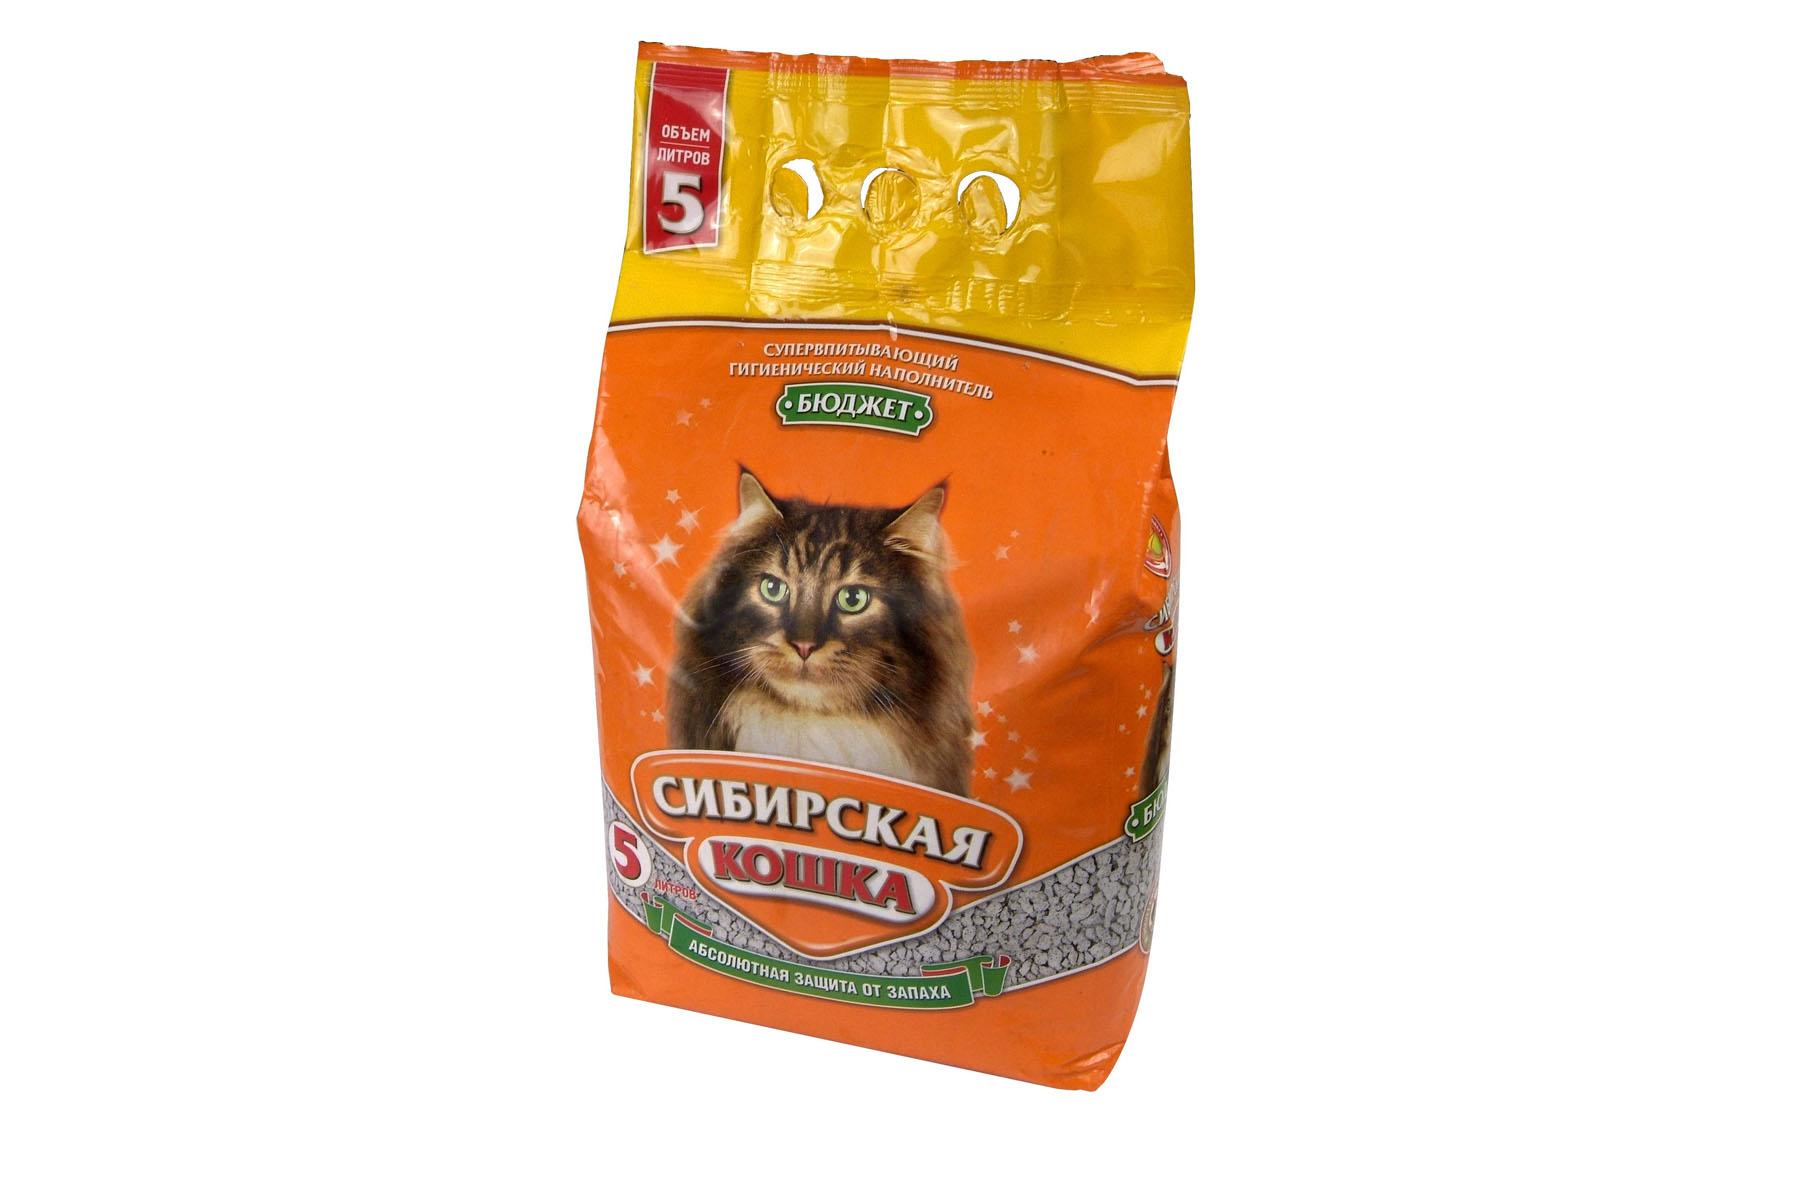 Наполнитель для кошачьих туалетов Сибирская Кошка Бюджет, 5 л наполнитель для кошачьих туалетов кошкин секрет древесный 2 5 кг